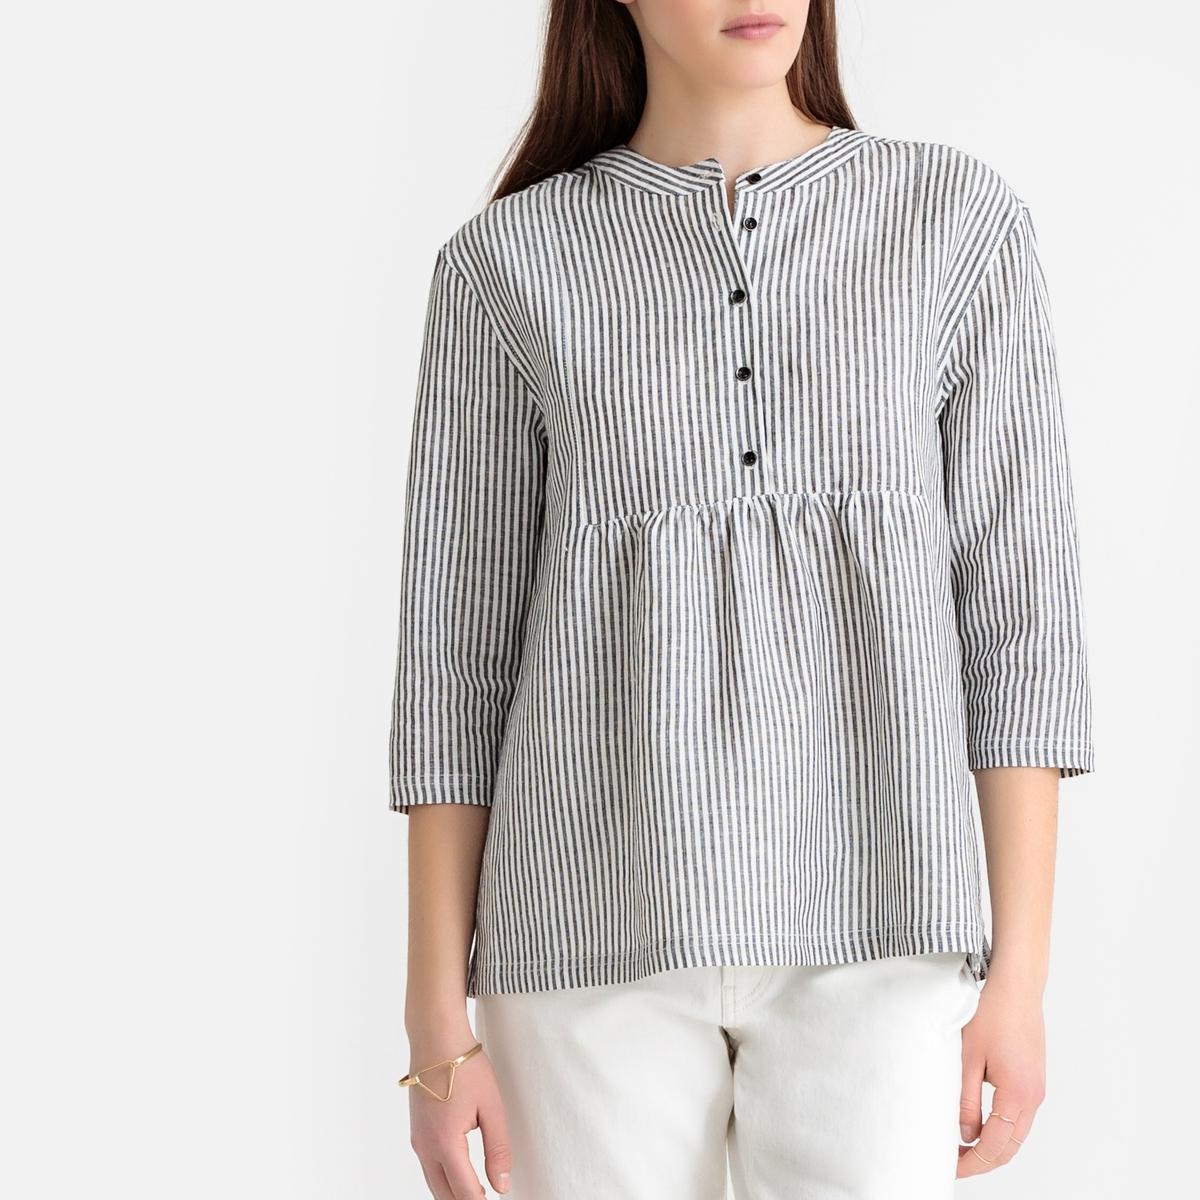 цена Блузка La Redoute Свободного покроя с воротником-стойкой и рукавами из льна и хлопка 34 (FR) - 40 (RUS) серый онлайн в 2017 году